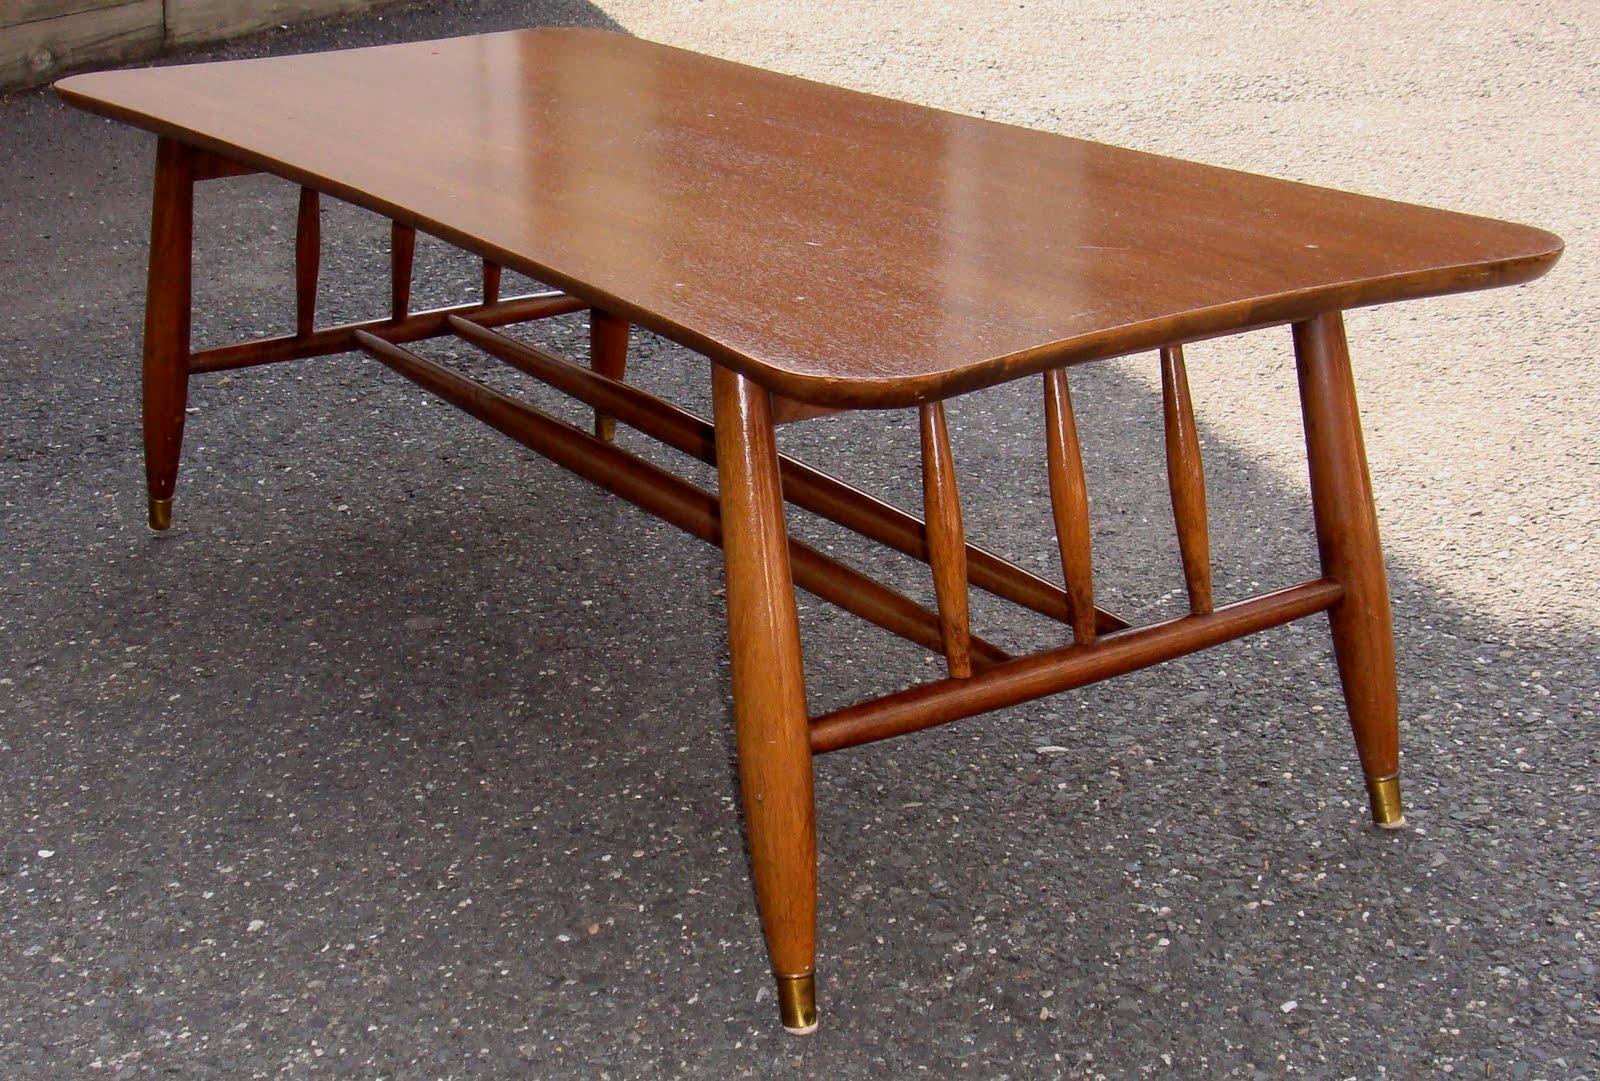 http://2.bp.blogspot.com/-ZwW6F-zD8j0/TYWFDMOe8oI/AAAAAAAAAPo/hUUJD4Pcjok/s1600/curved+coffee+table3.jpg